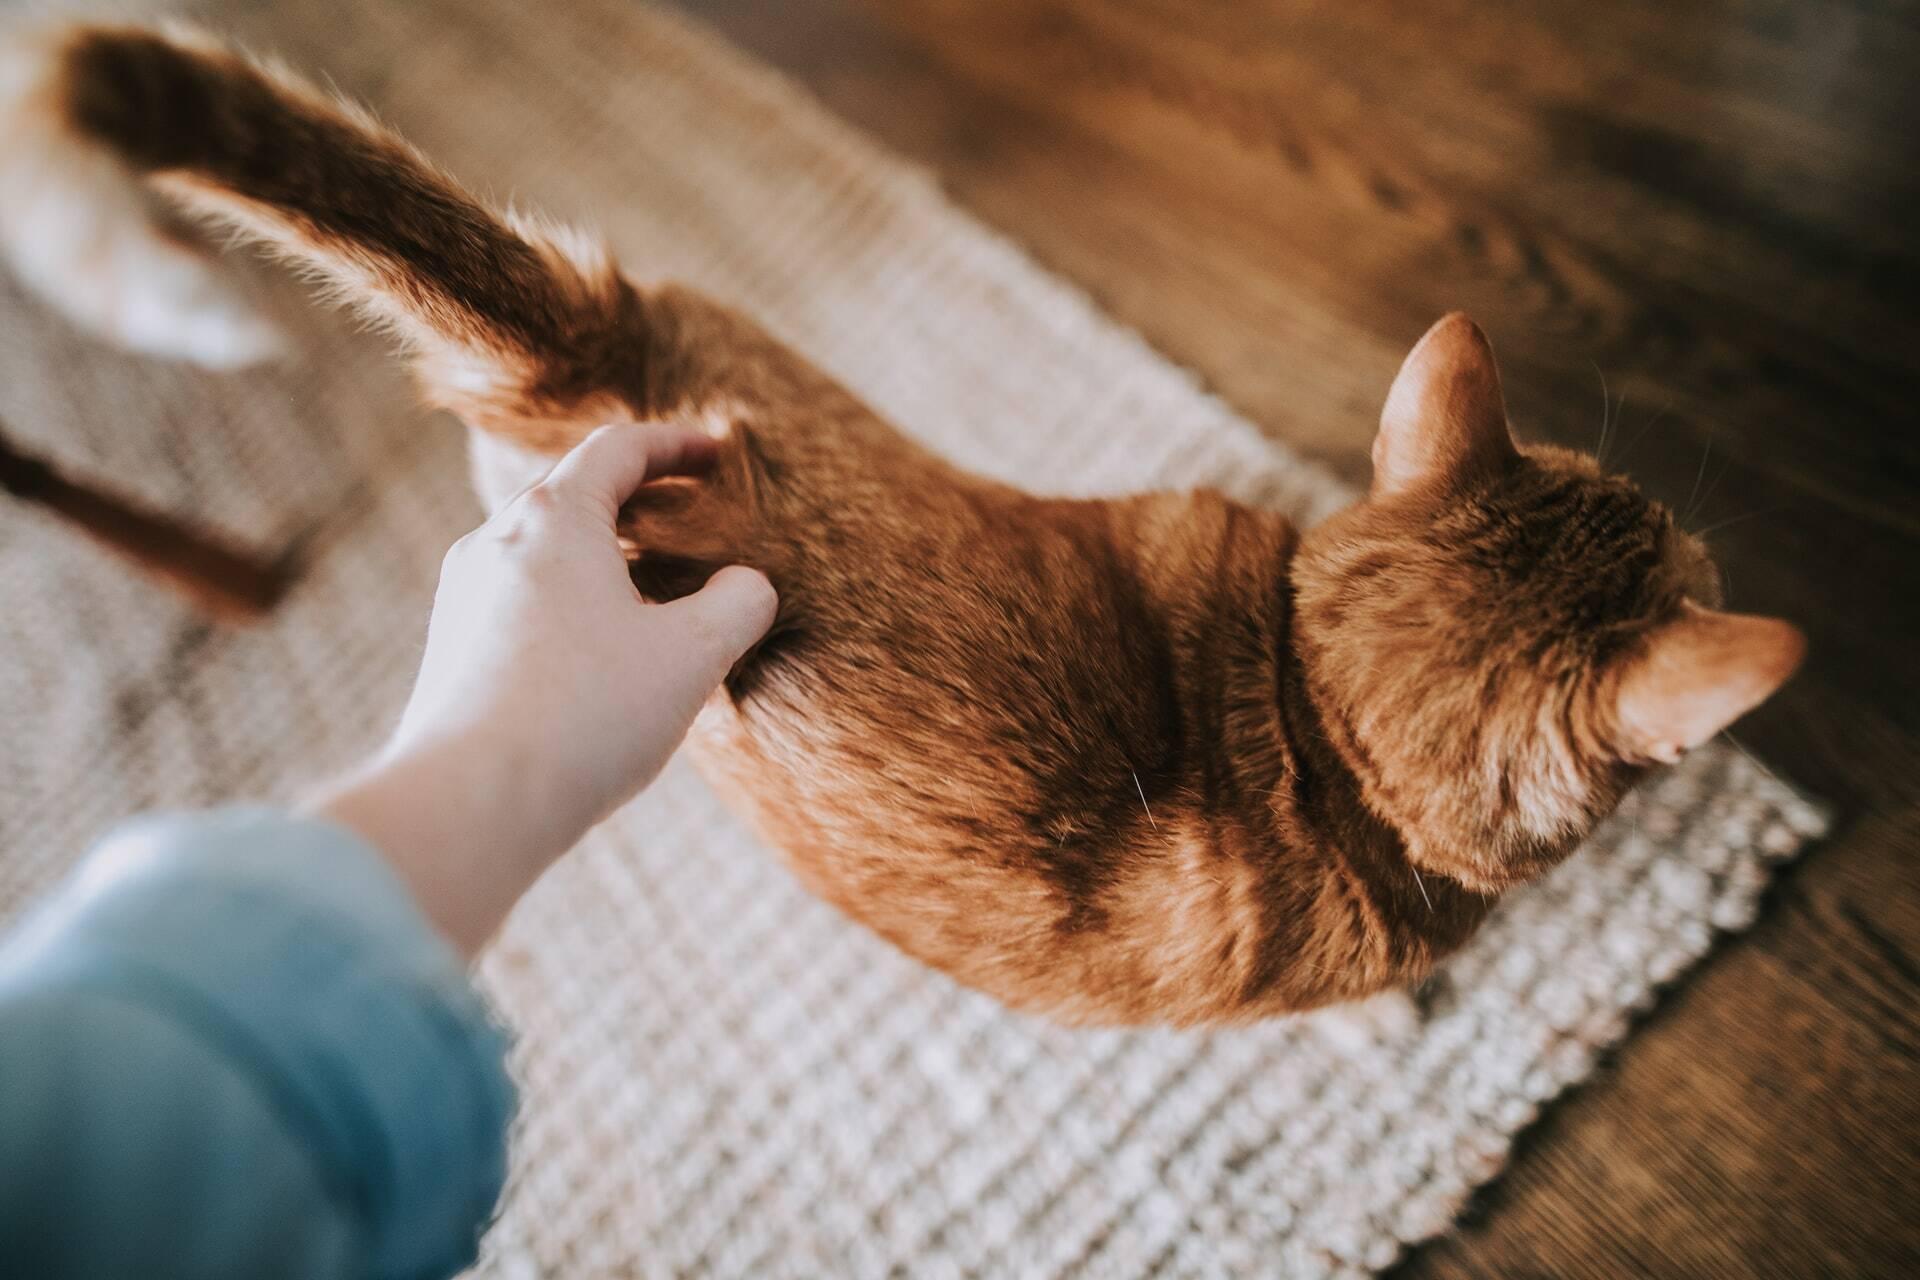 Conheça a melhor maneira de acariciar um gato, de acordo com a ciência